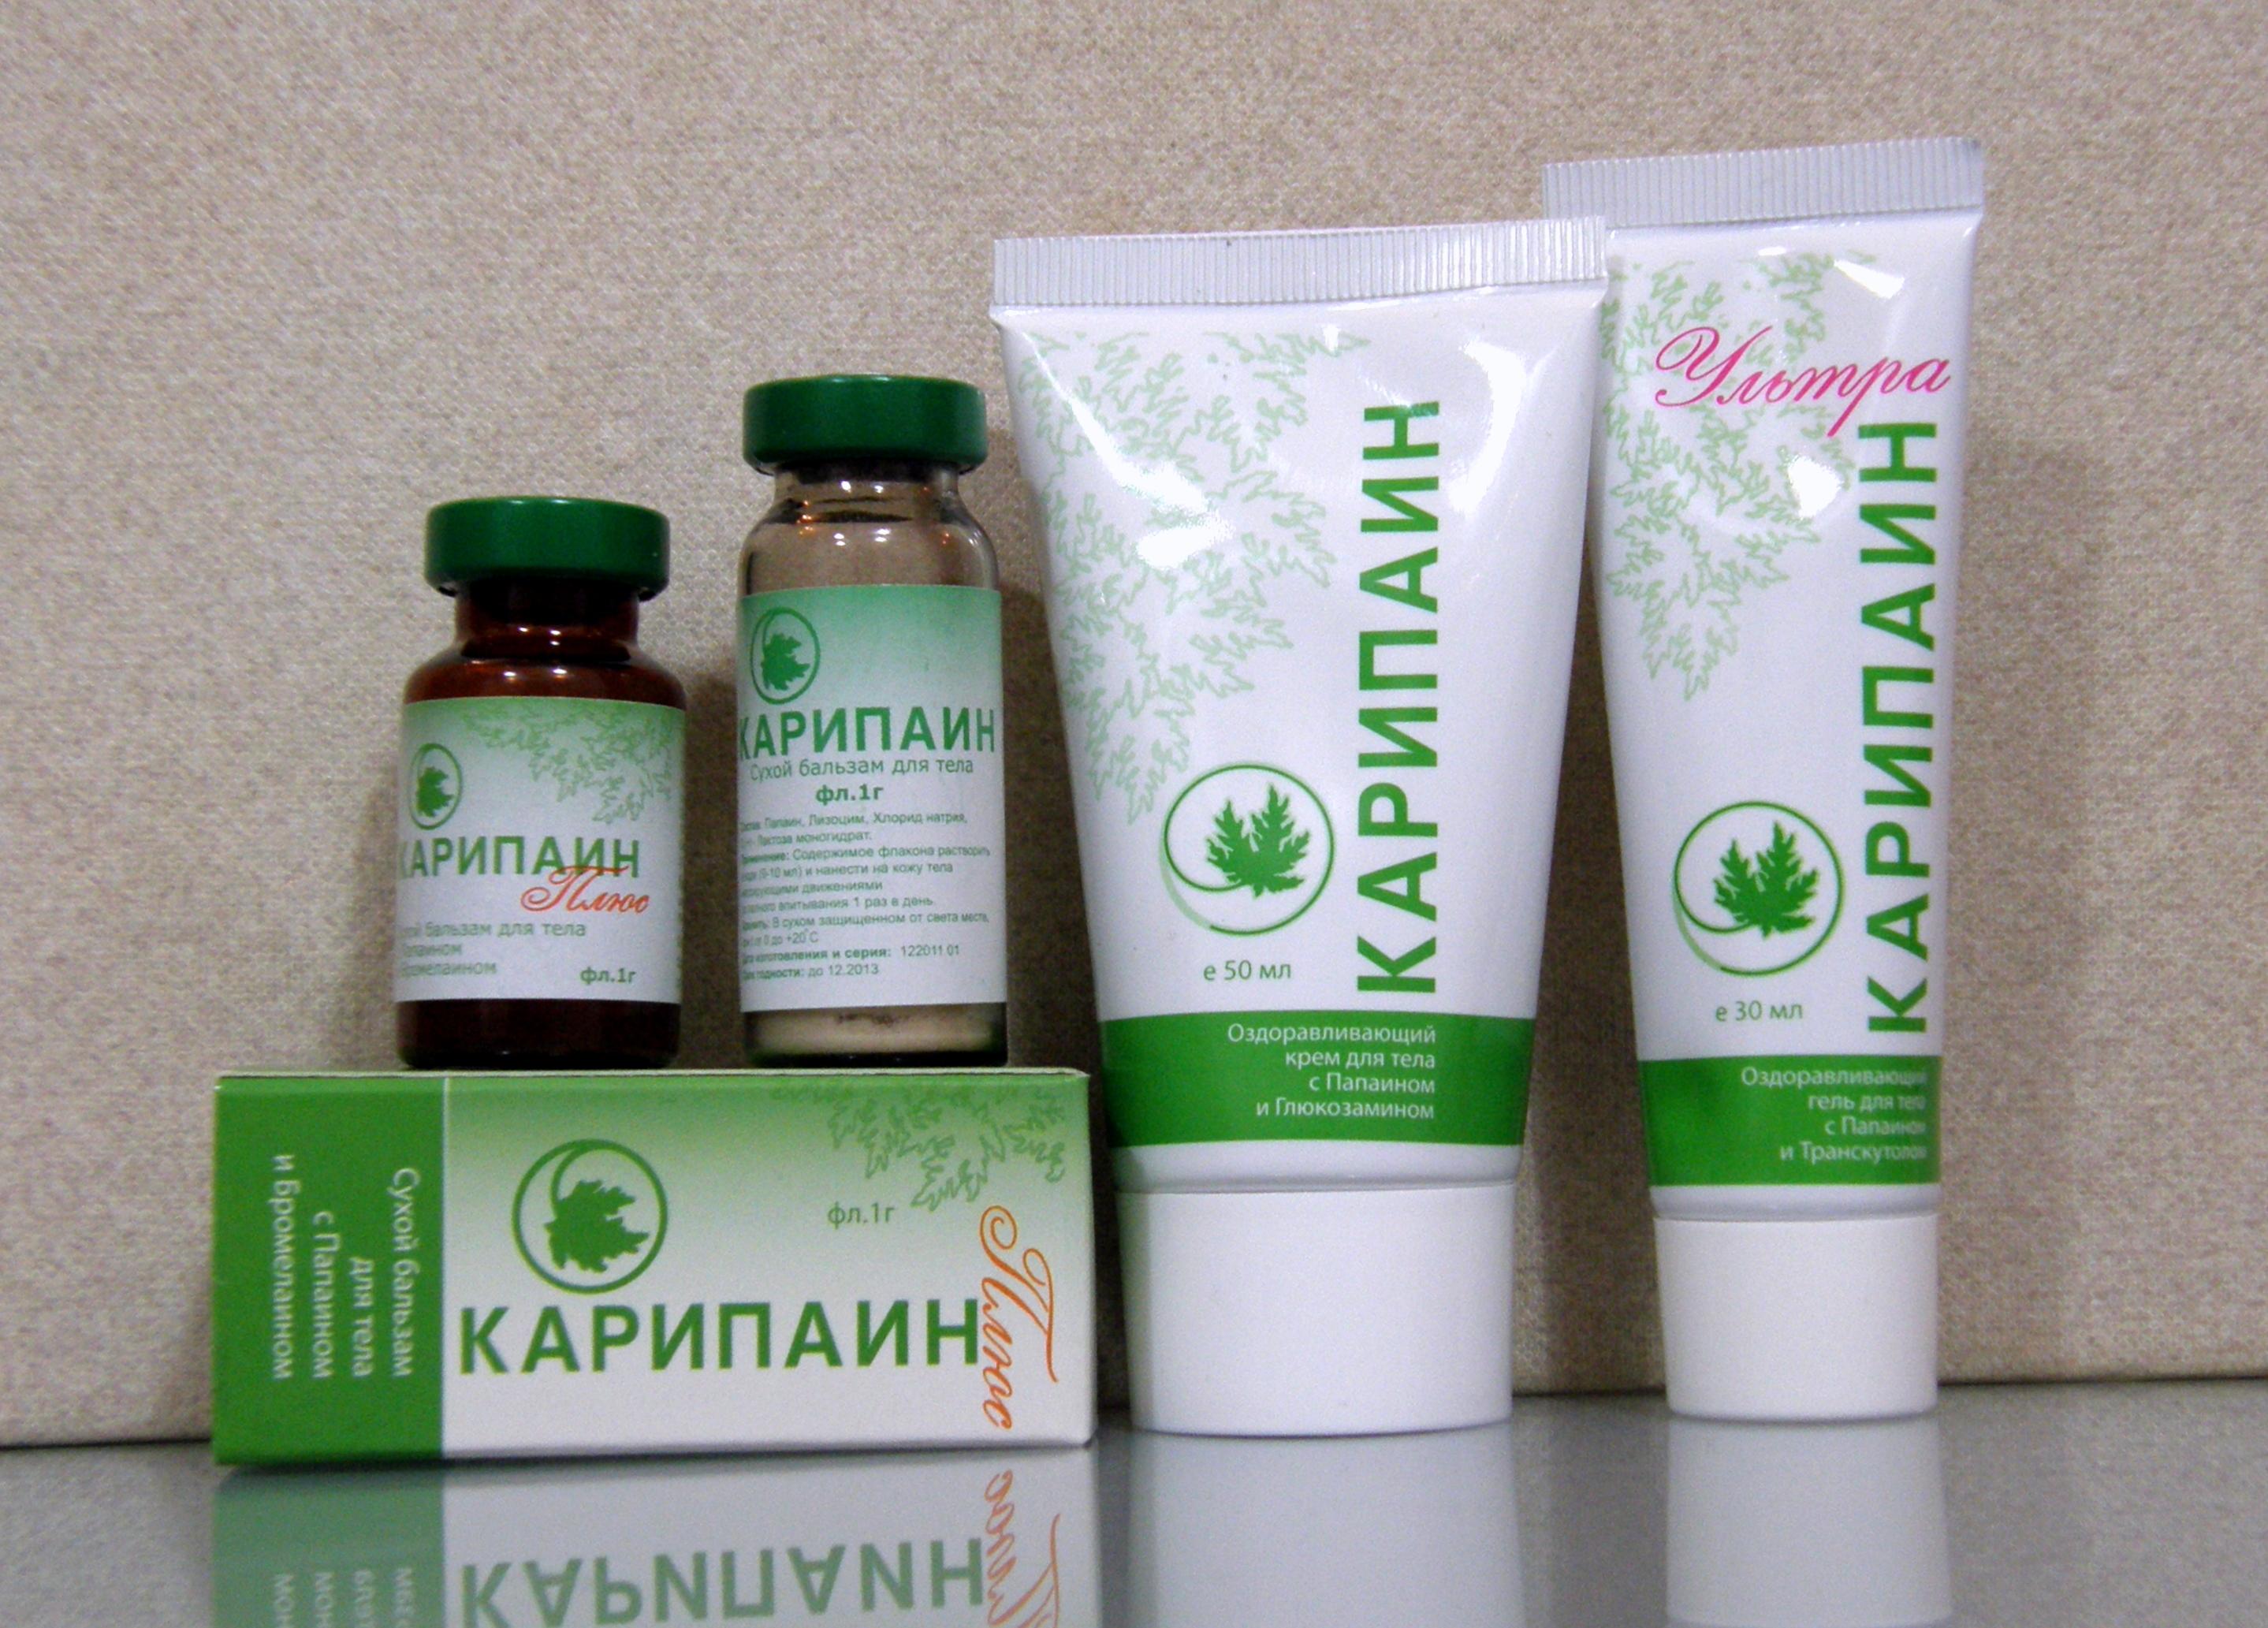 Карипаин лечение заболеваний позвоночника и суставов суставы афоризм